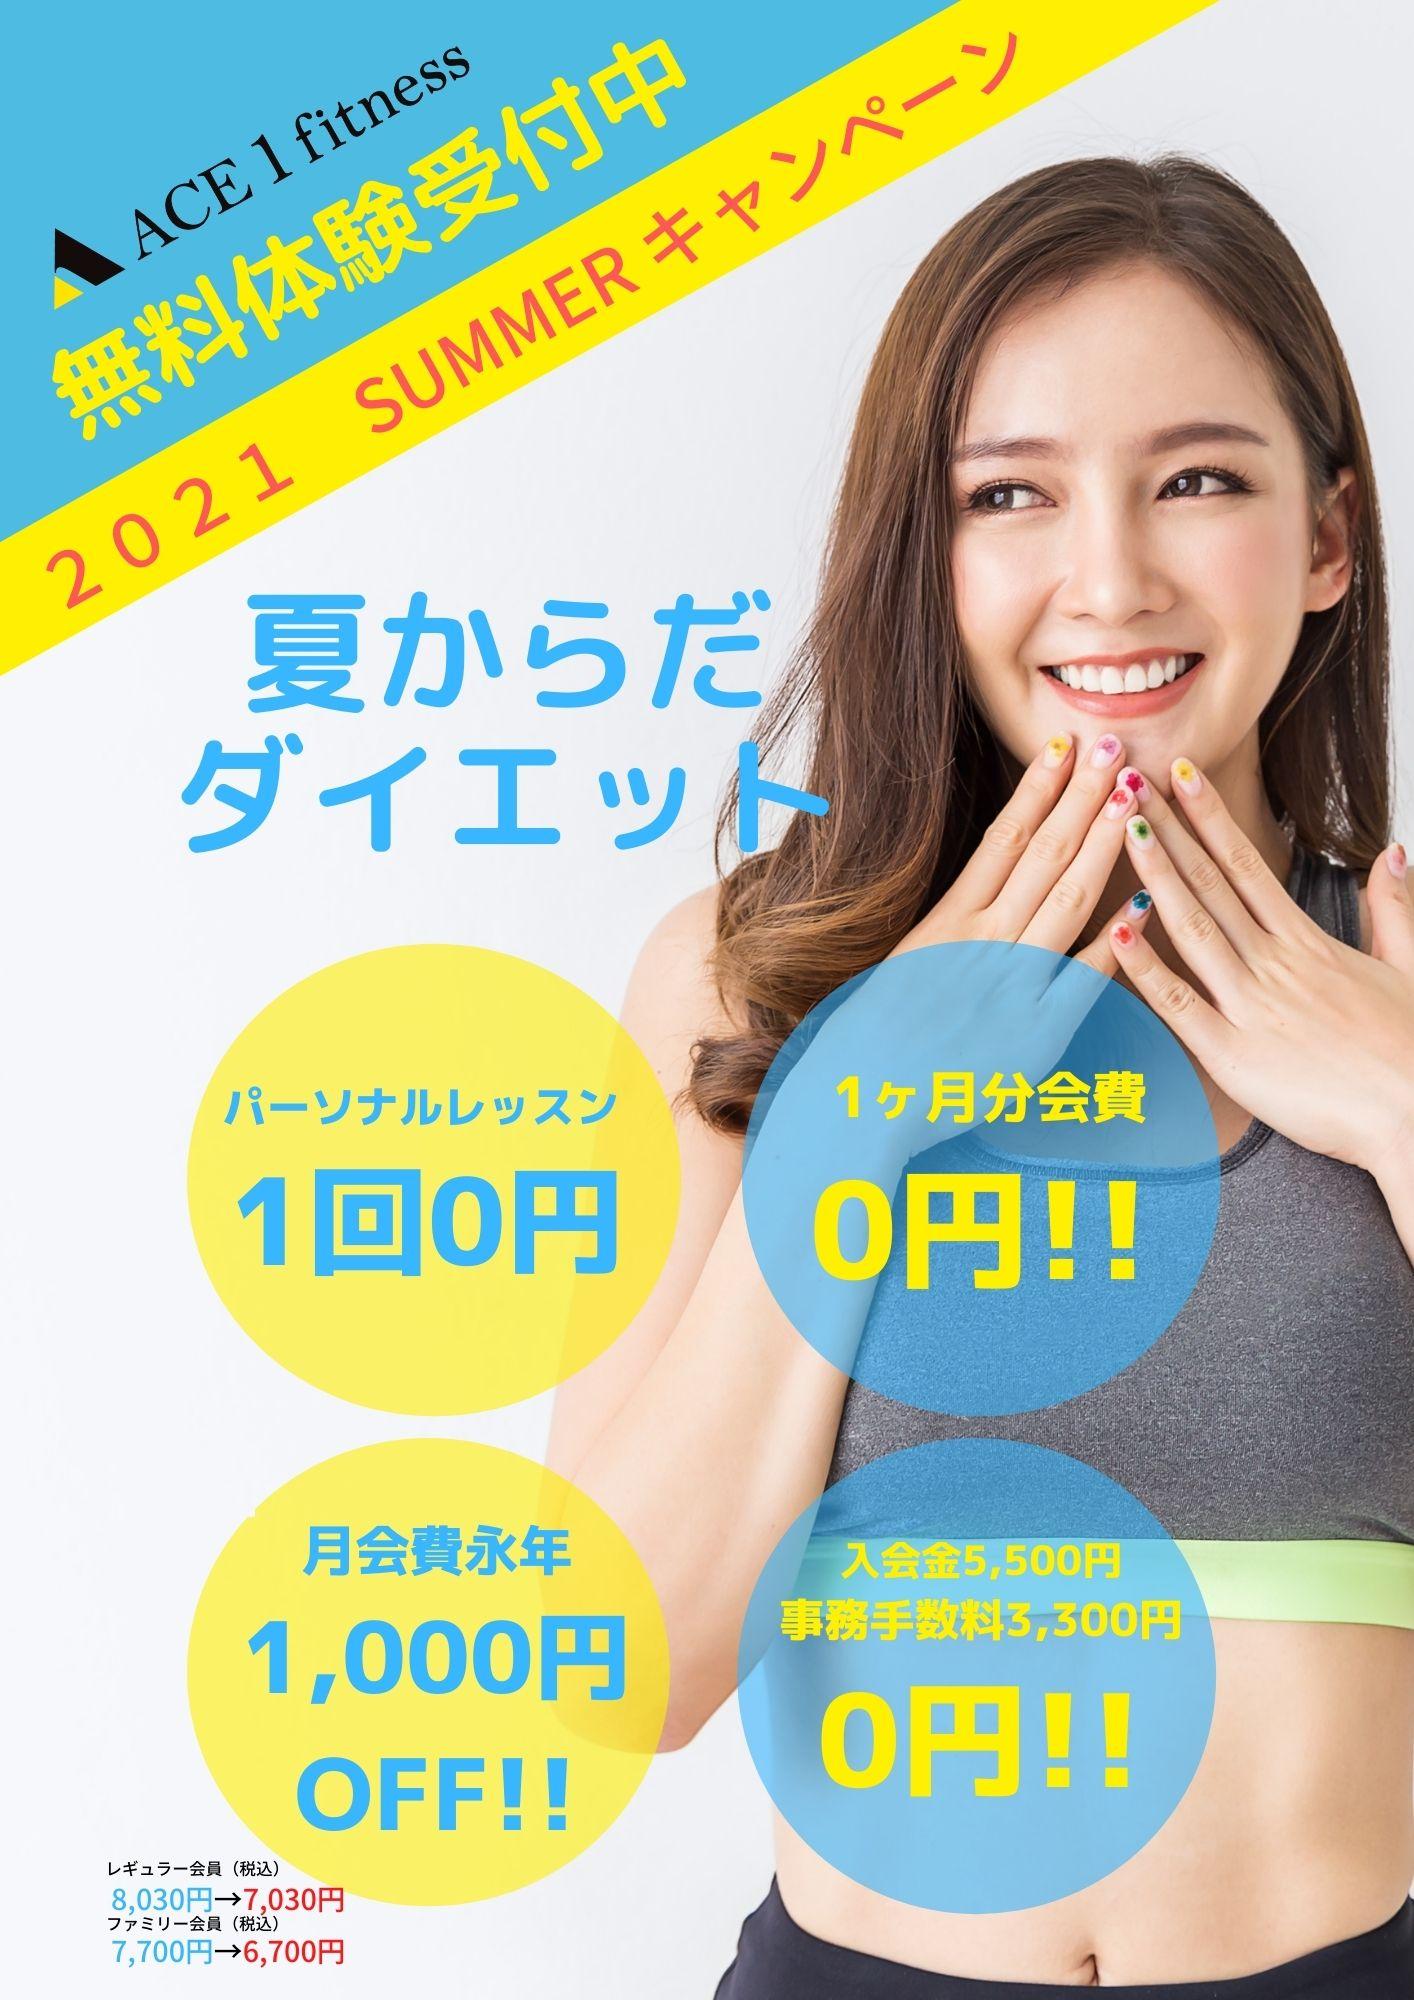 夏のキャンペーンpage-visual 夏のキャンペーンビジュアル